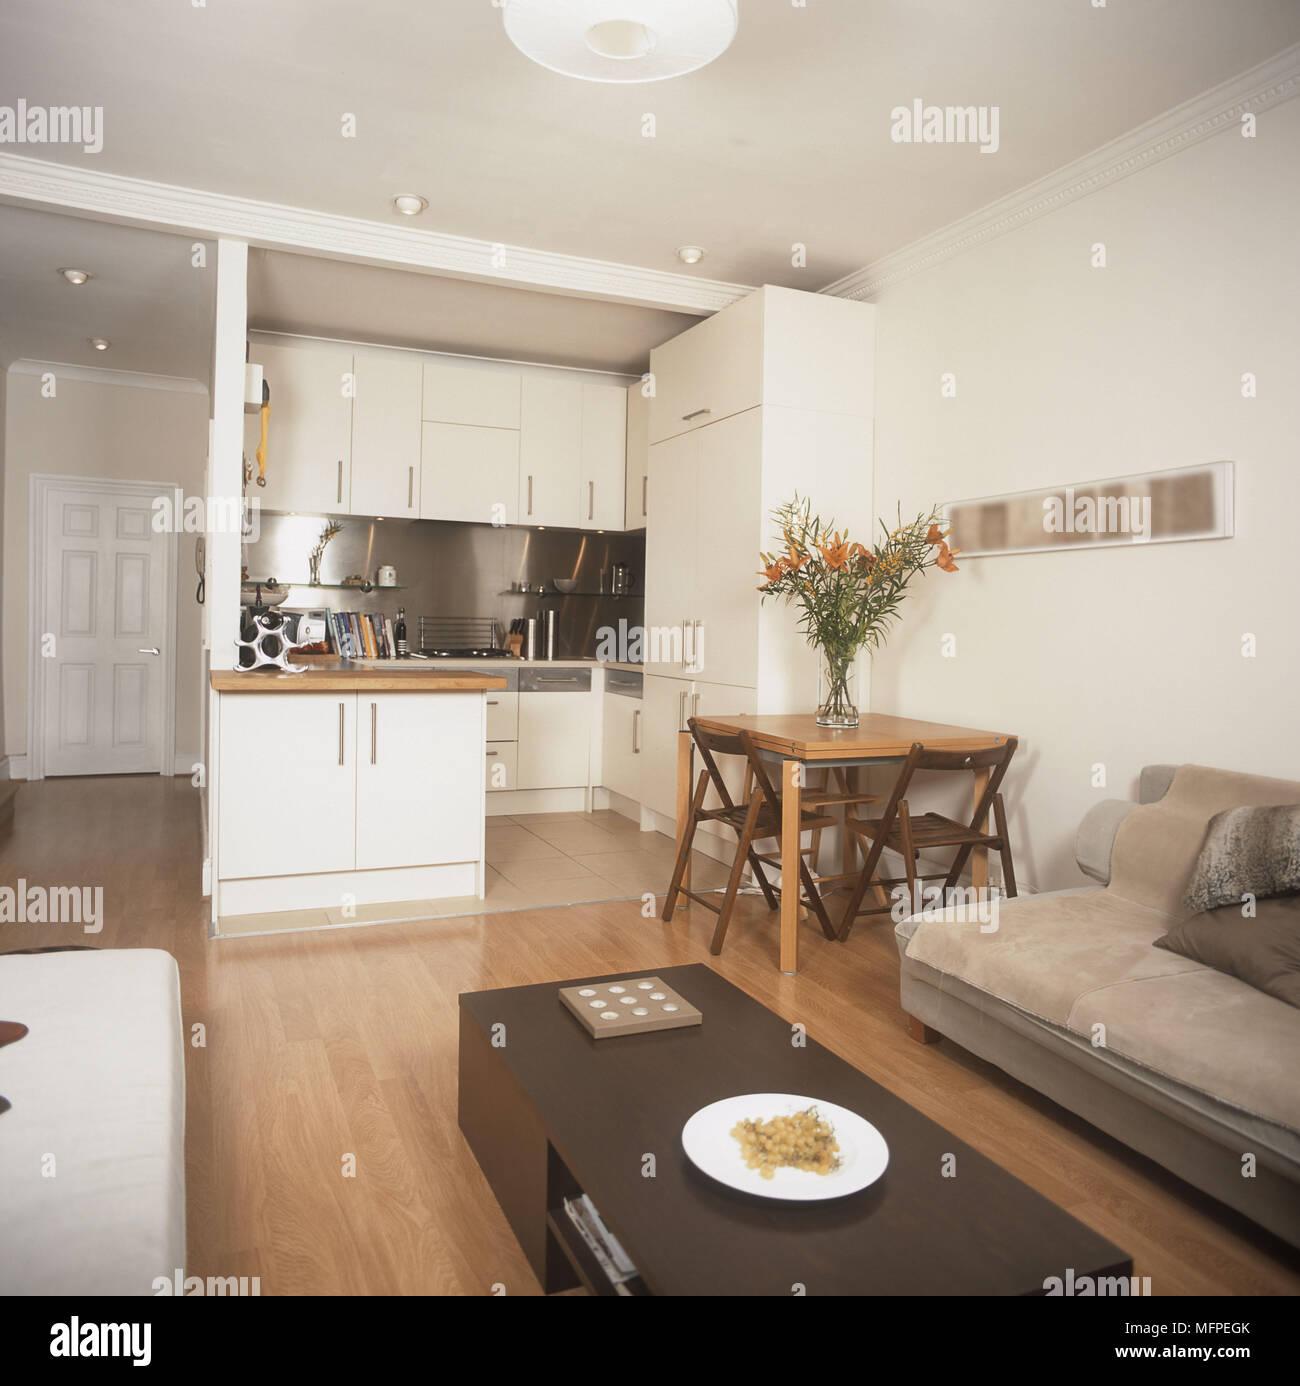 Moderne offene Wohnzimmer gepolstertes Sofa Tisch Küche Esstisch und ...